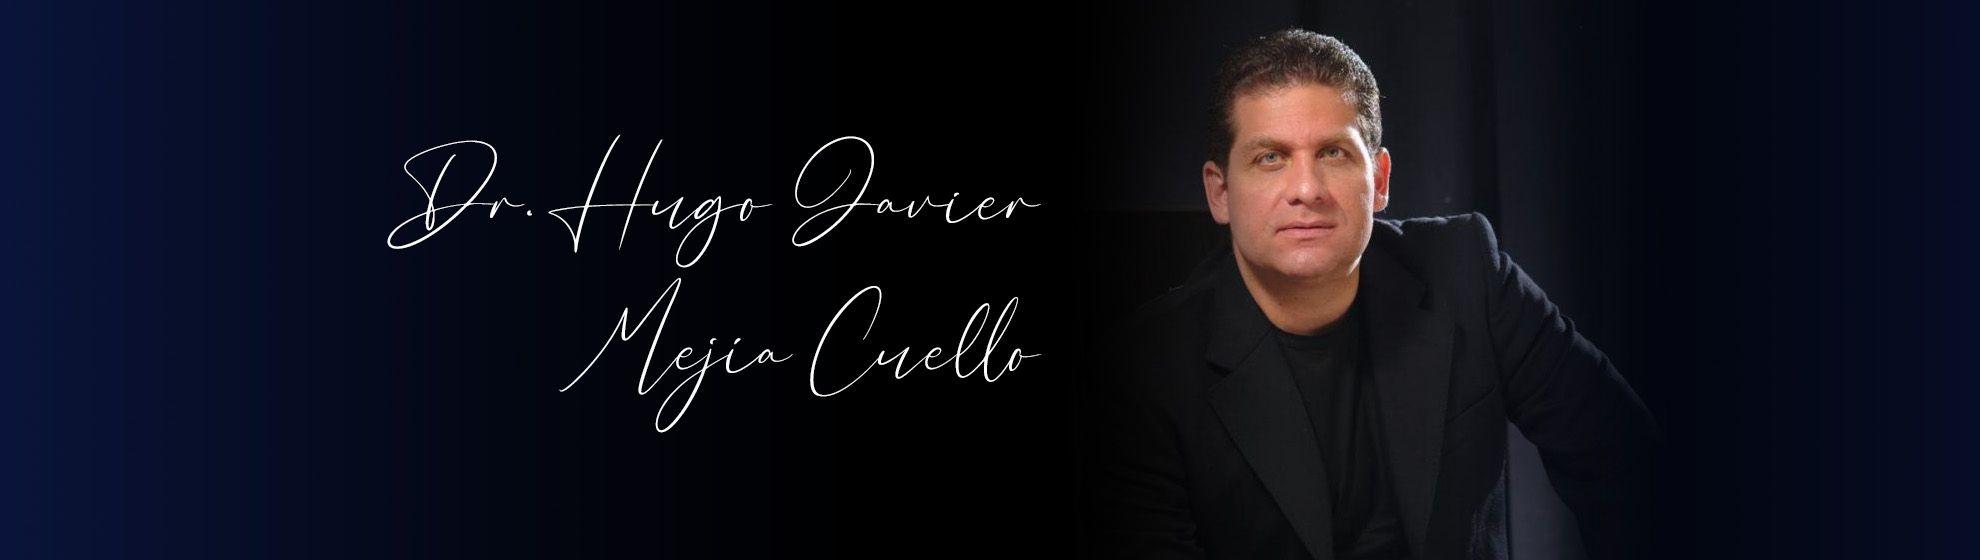 Dr. Hugo Javier Mejía Cuello